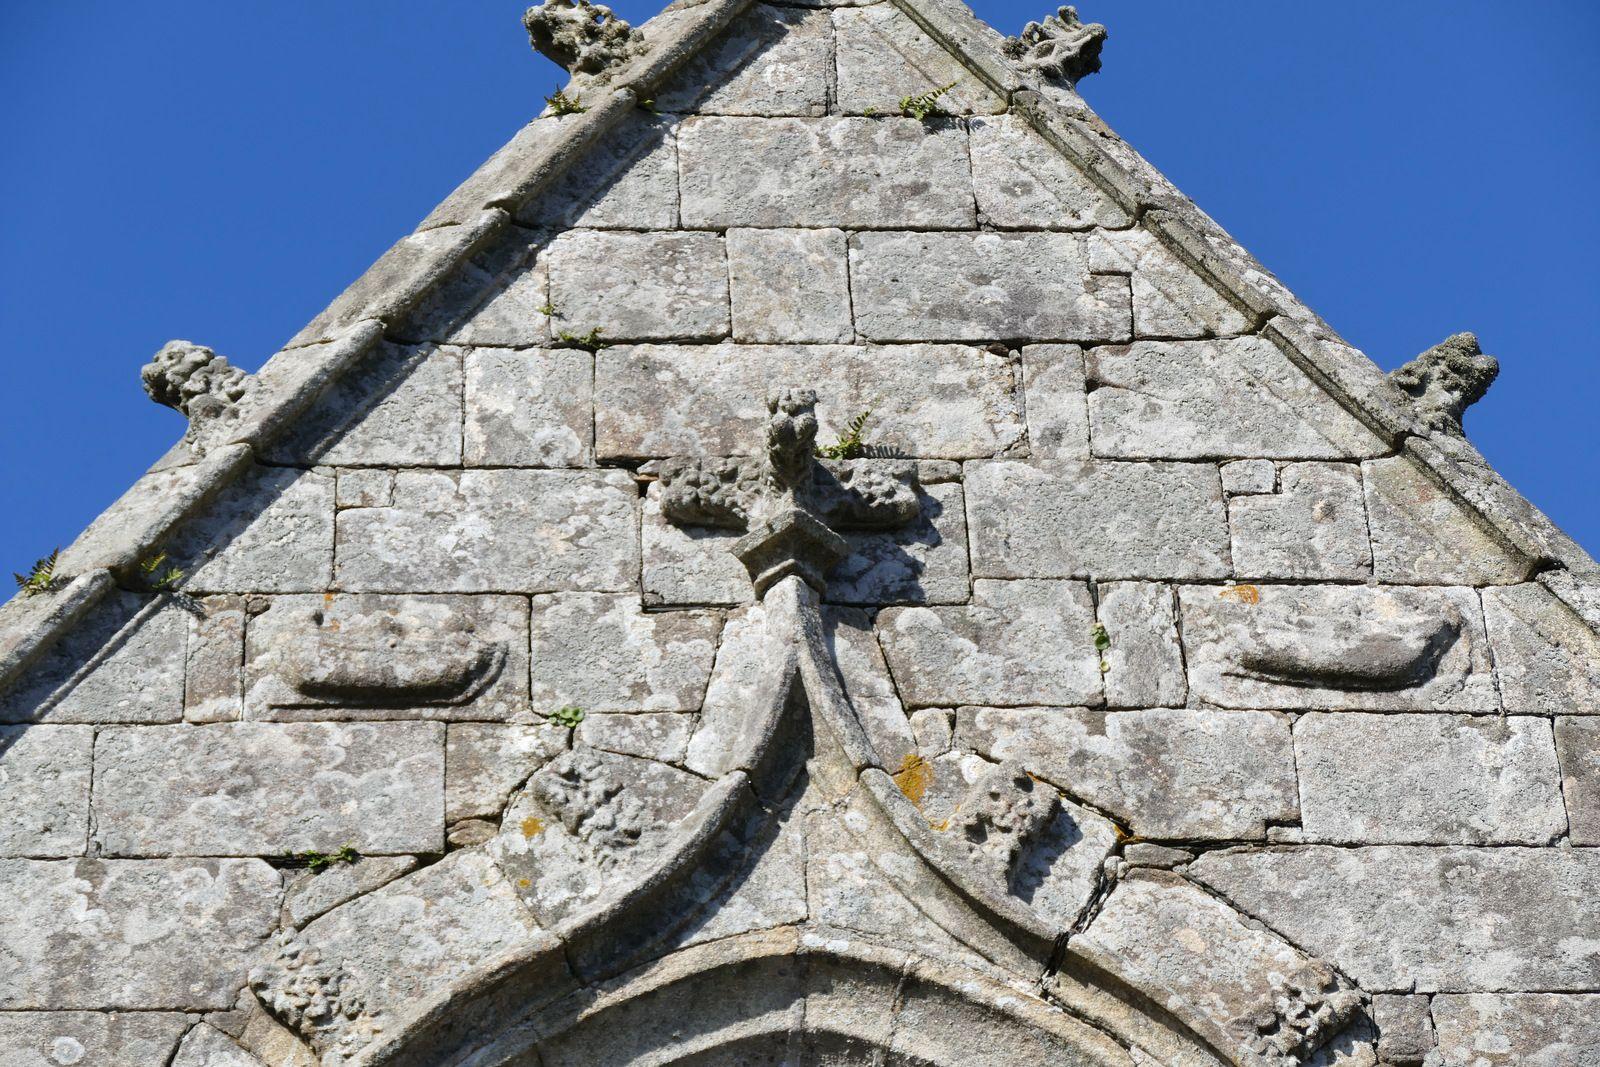 Église Saint-Clet de Cléden-Cap-Sizun. Photographie lavieb-aile mars 2020.